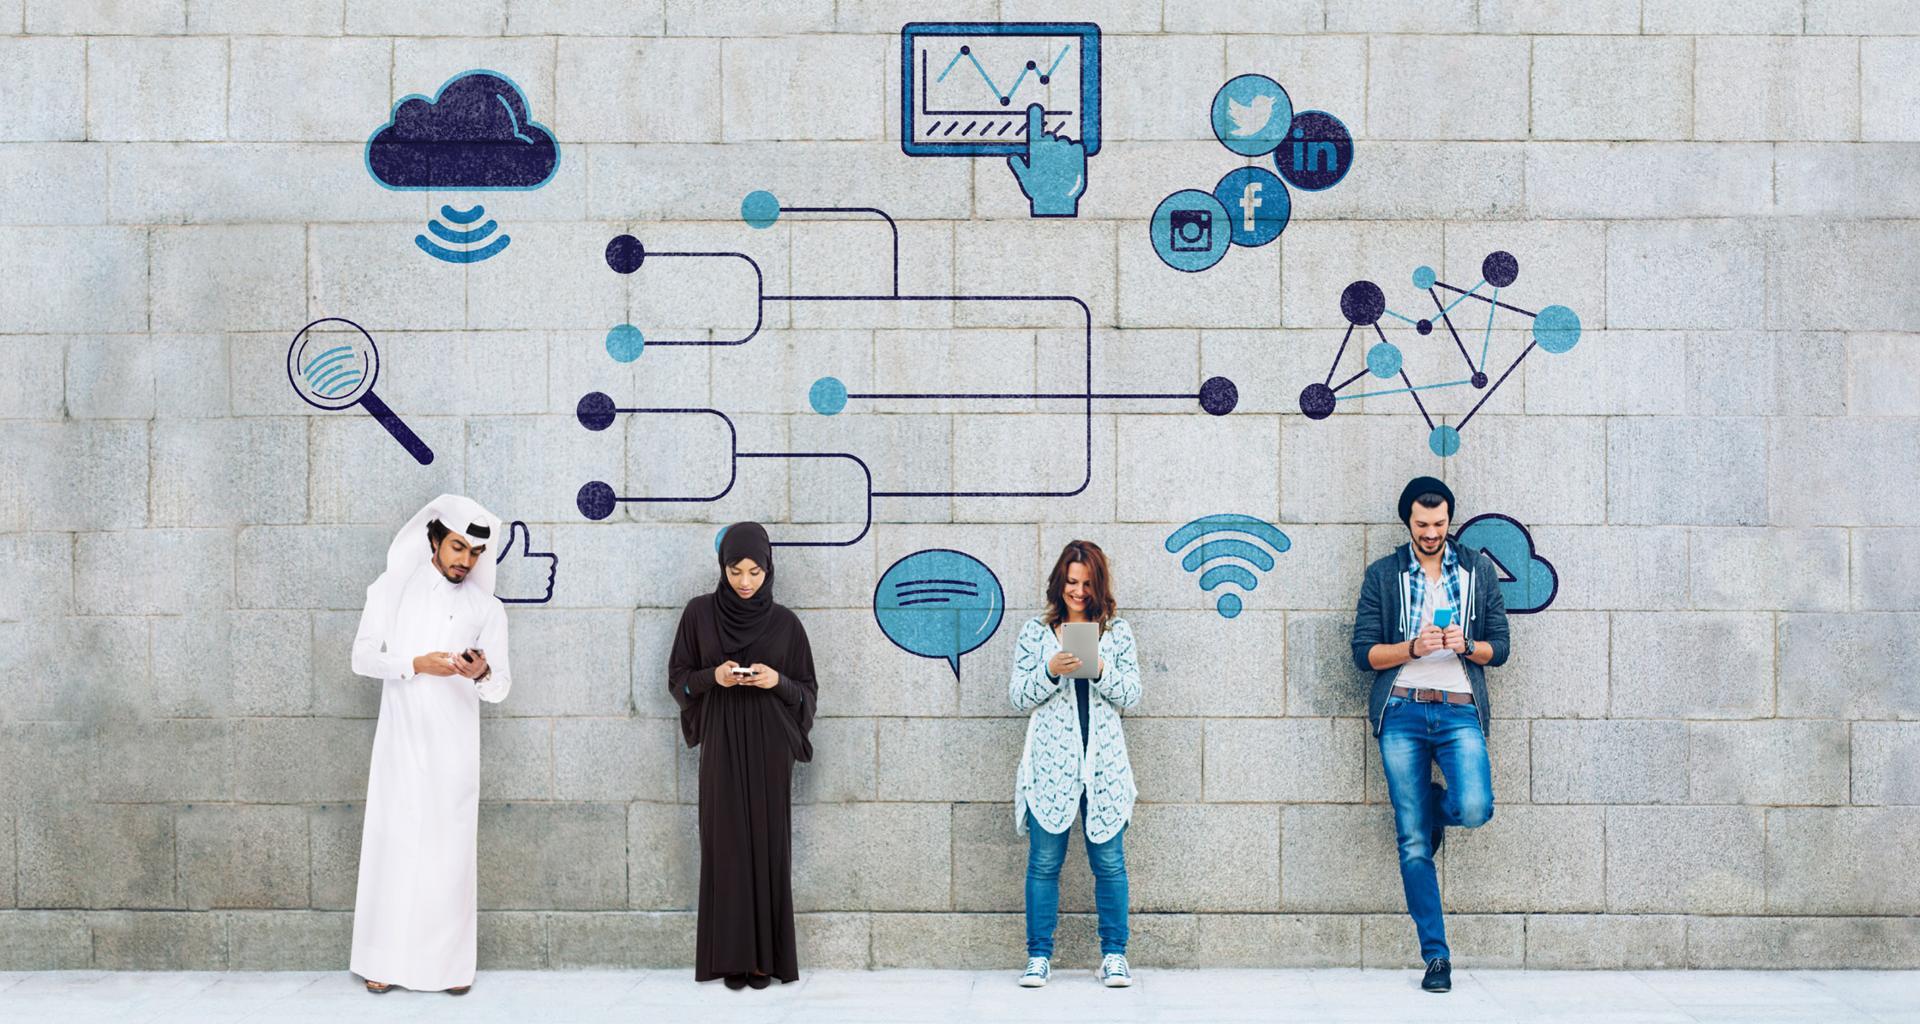 ماجستير العلوم الإنسانية والمجتمعات الرقمية